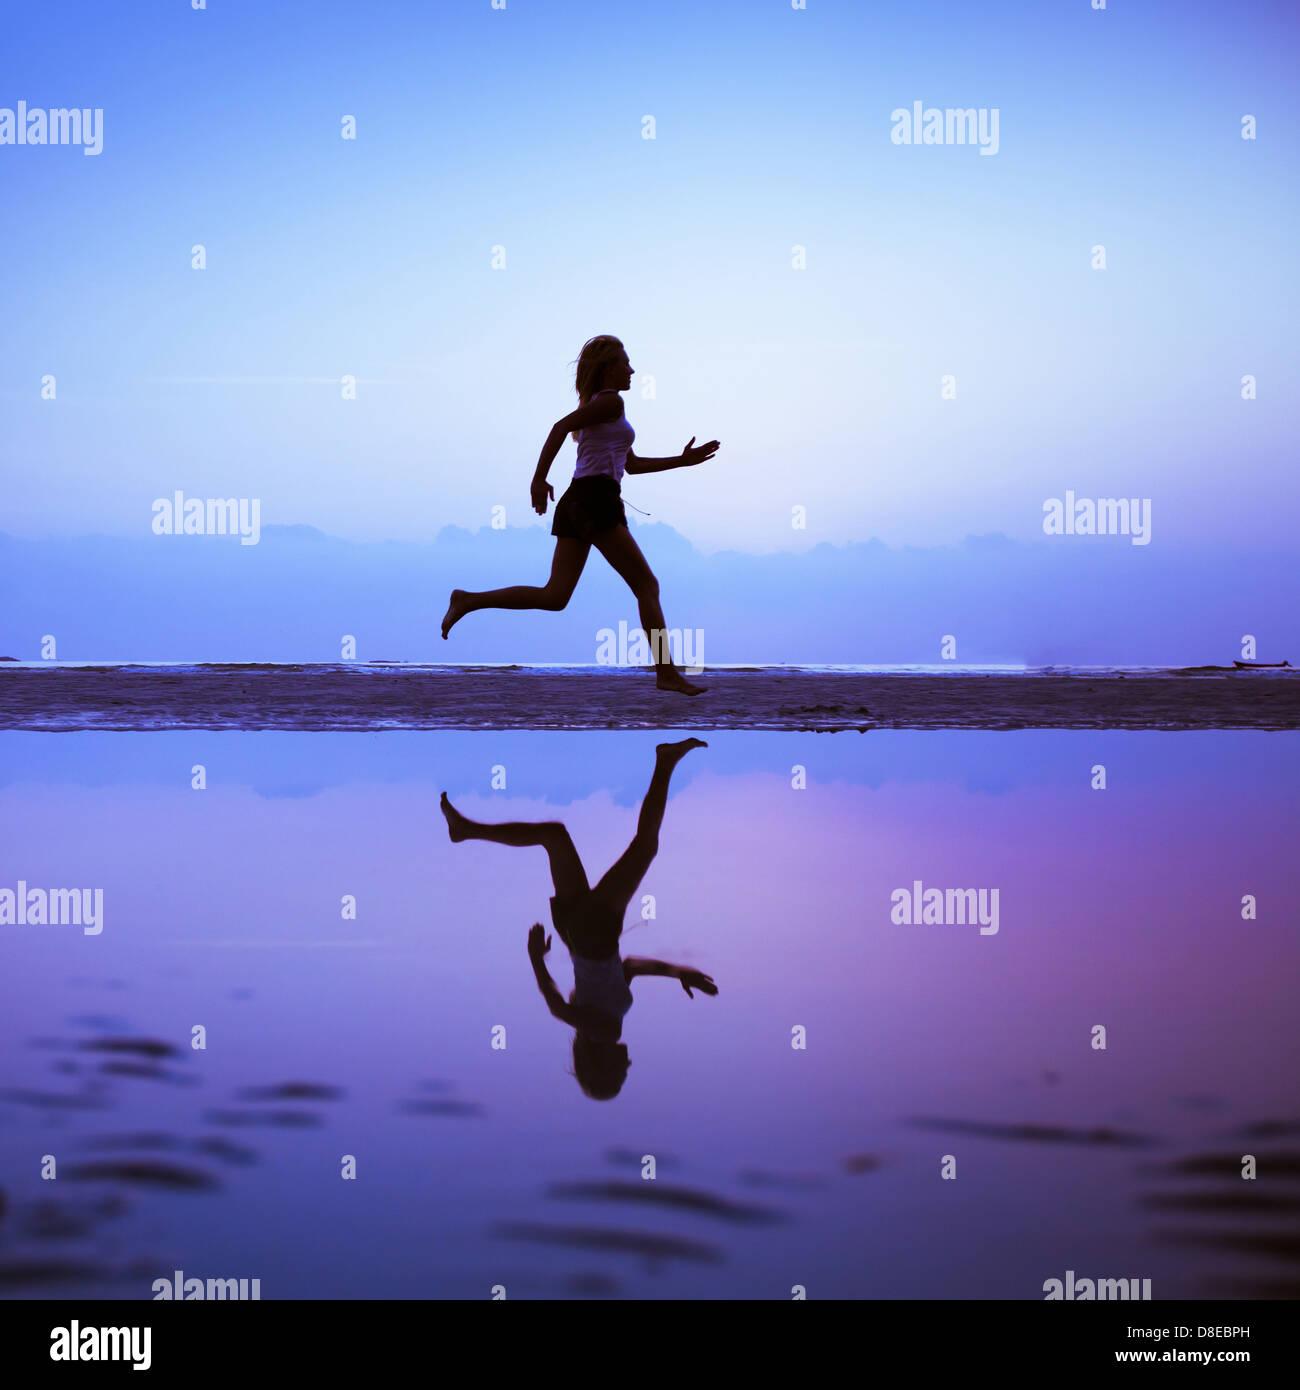 Femmina silhouette di runner è speculare al di sotto con un Blu Cielo di tramonto come sfondo Immagini Stock